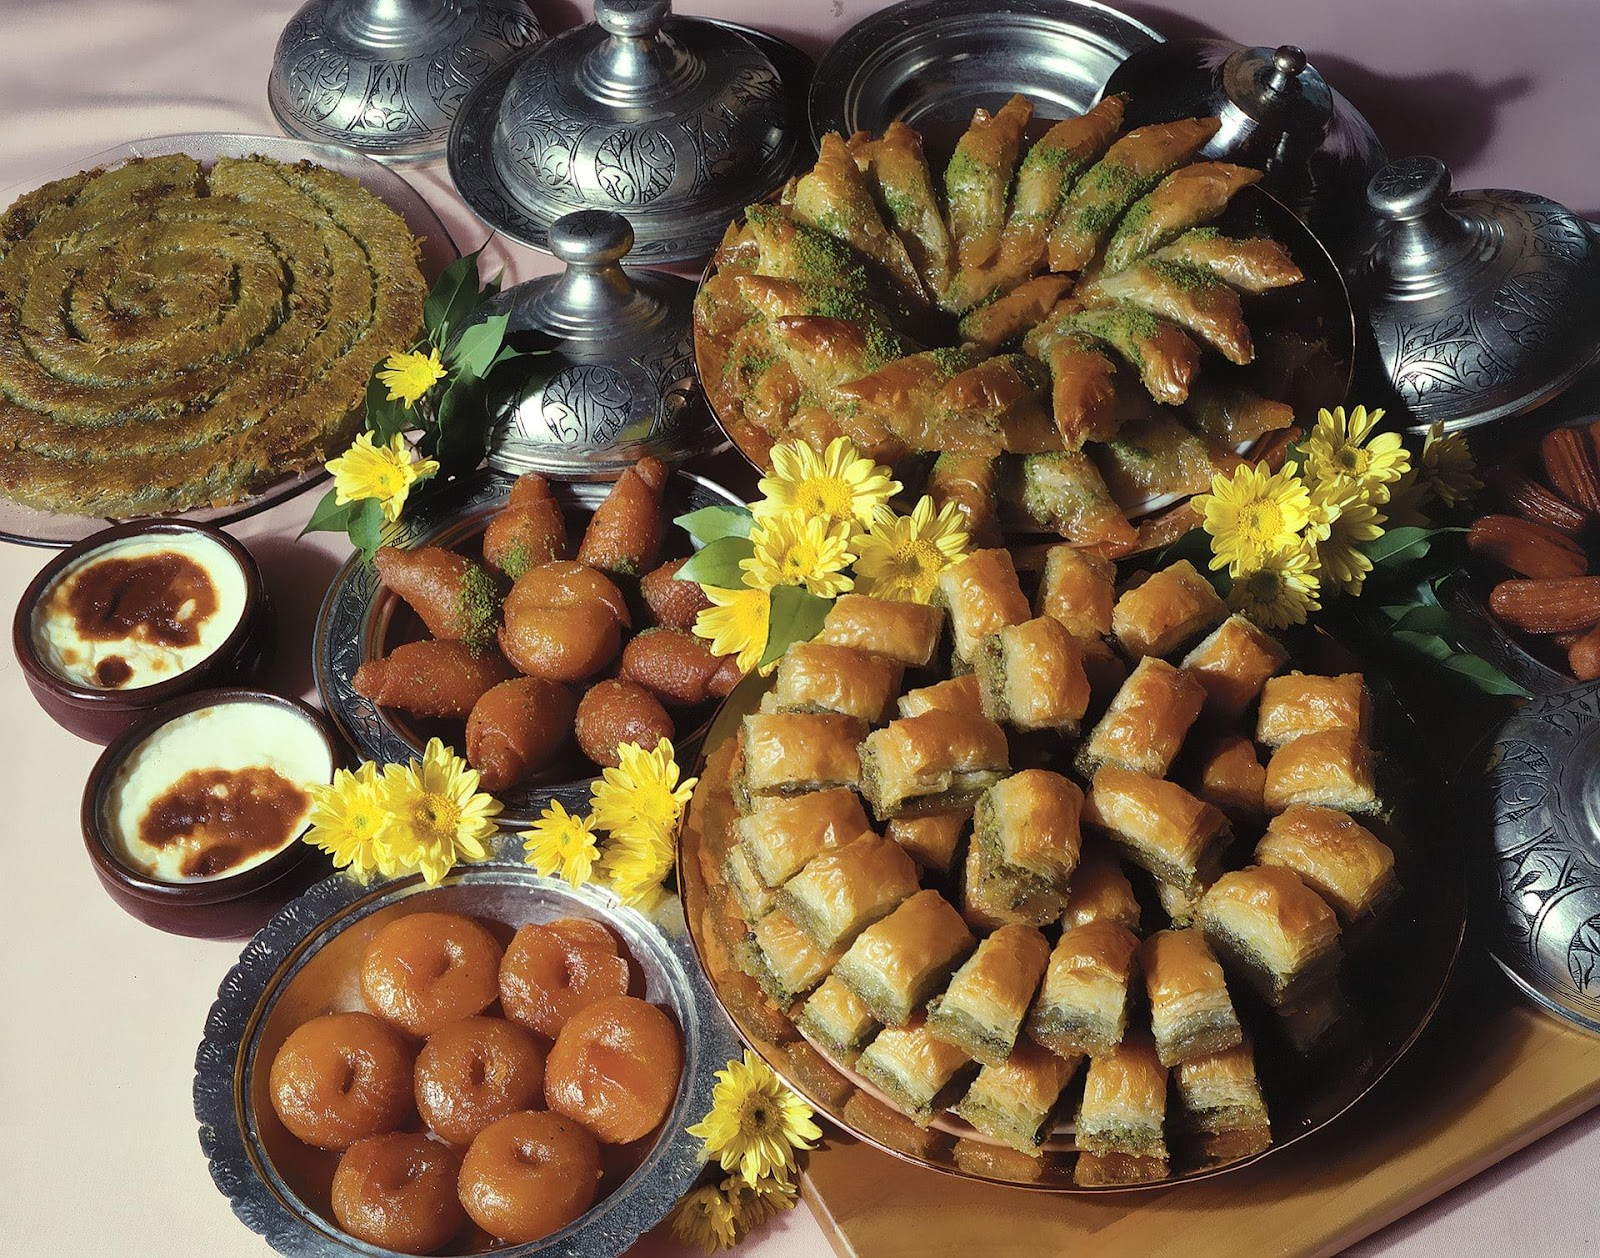 Turco Şerbetli tatlılar